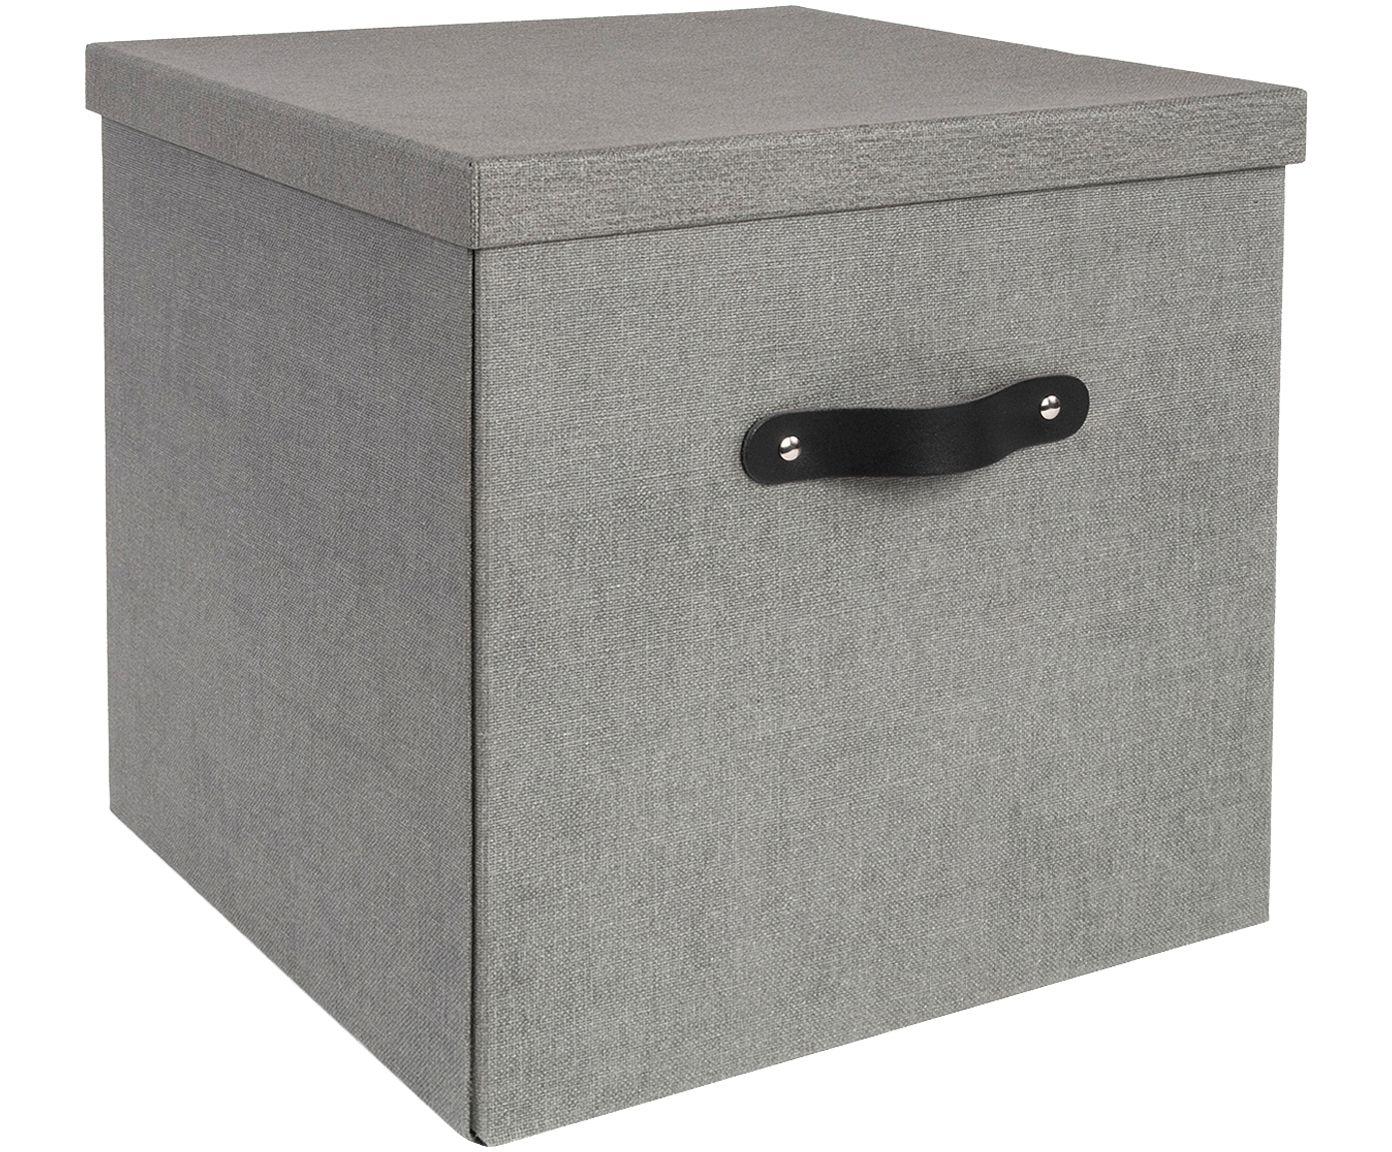 Mit Aufbewahrungsbox Texas In Grau Von Bigso Box Of Sweden Schaffen Sie Ordnung Mit Stil Lassen Sie Sich Von Weiteren Prakti Aufbewahrungsbox Aufbewahrung Box